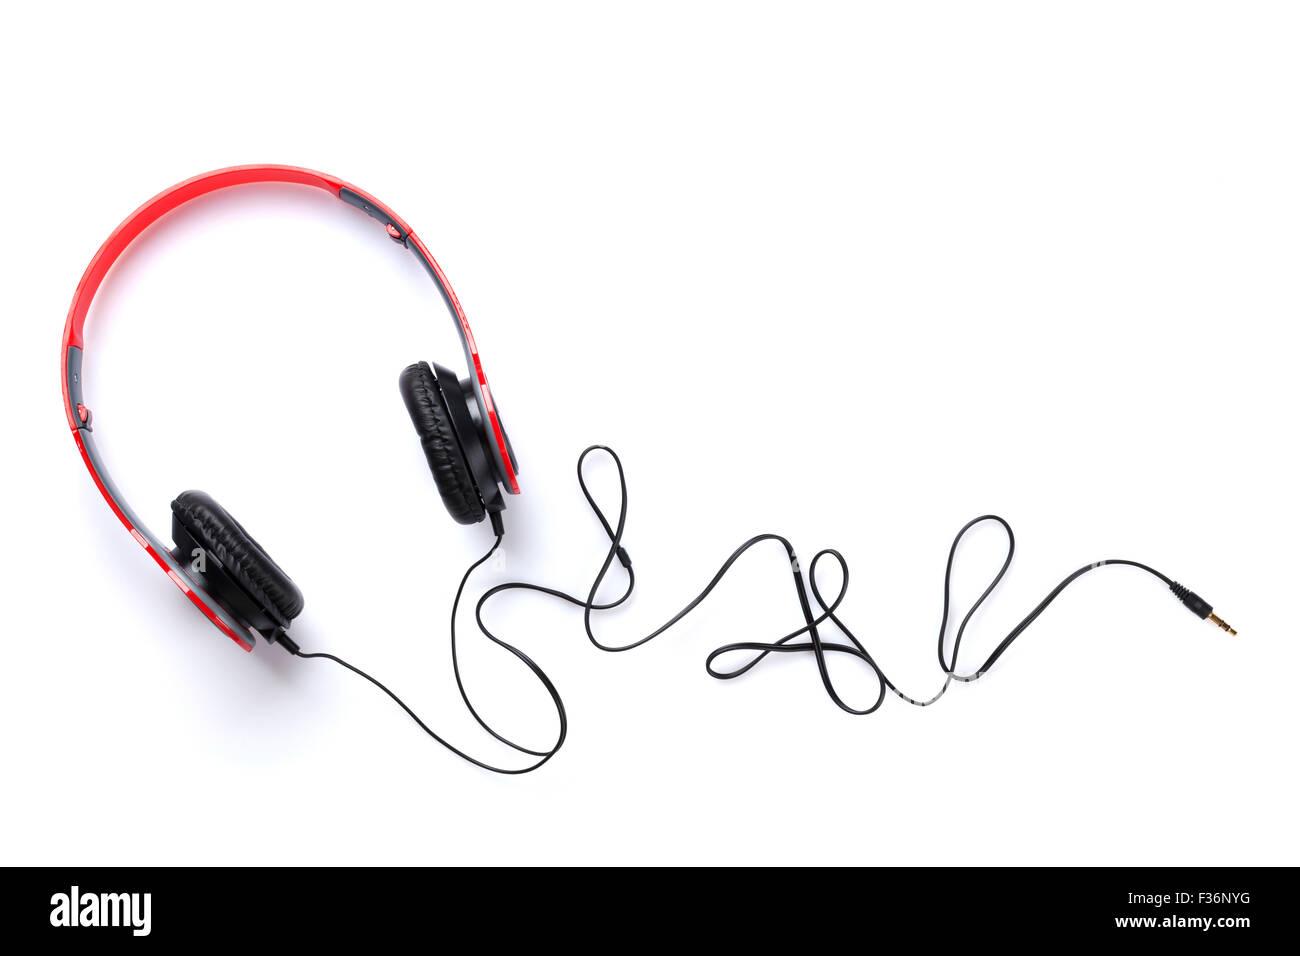 Headphones. Isolated on white background - Stock Image